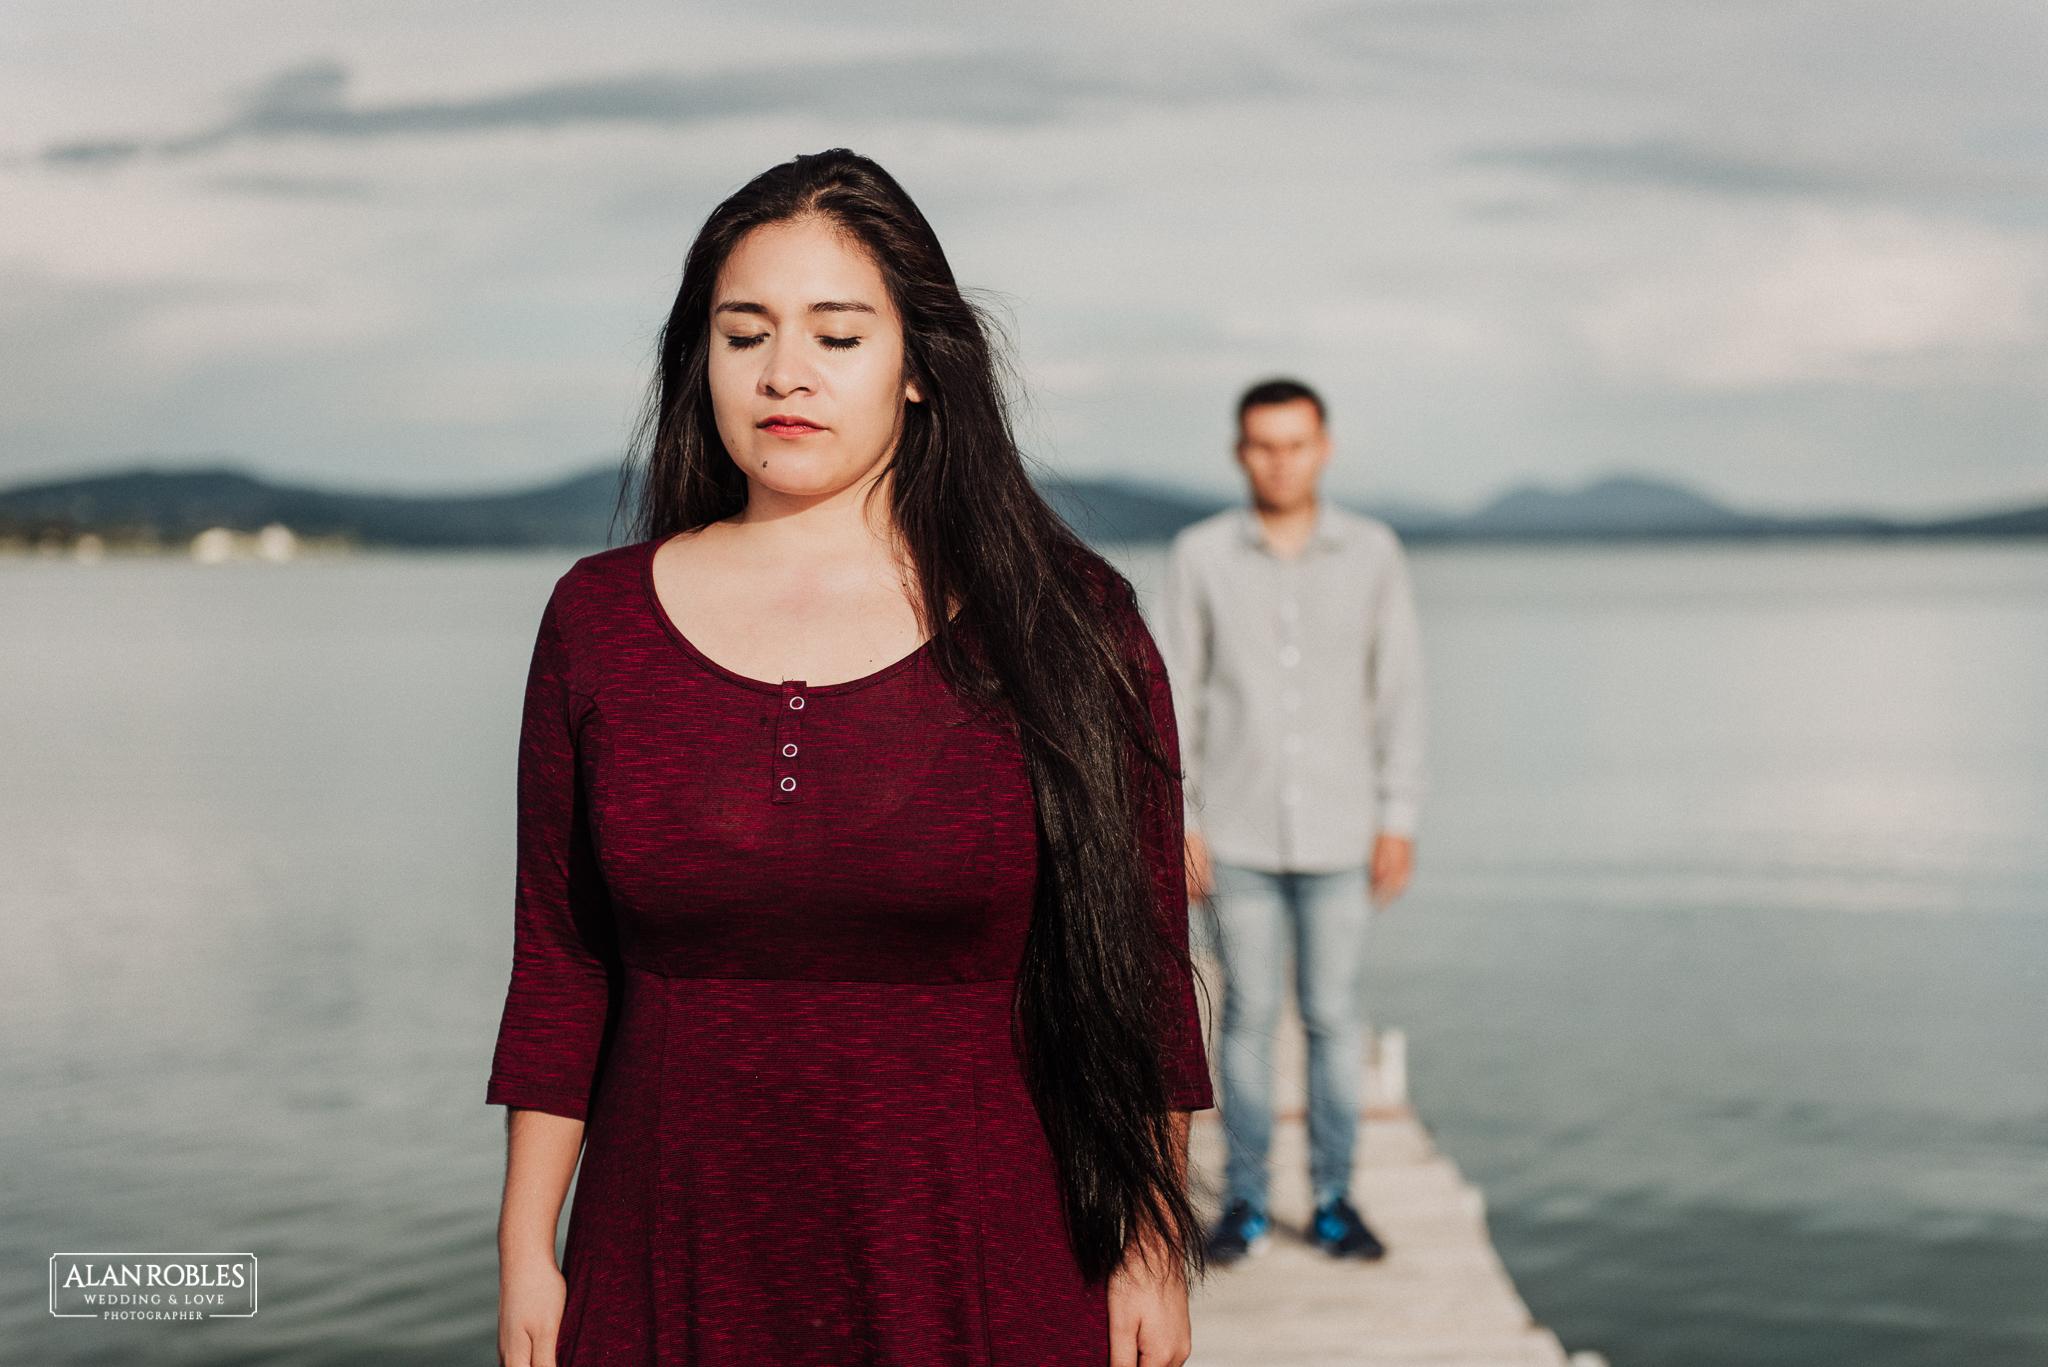 Sesion de fotos Preboda en Laguna de Cajititlan. Fotografia de bodas - Alan Robles Wedding & Love Photographer, Fotografo de bodas en Guadalajara. Muelle en lago, fotos creativas para boda. Ideas para fotos de boda.